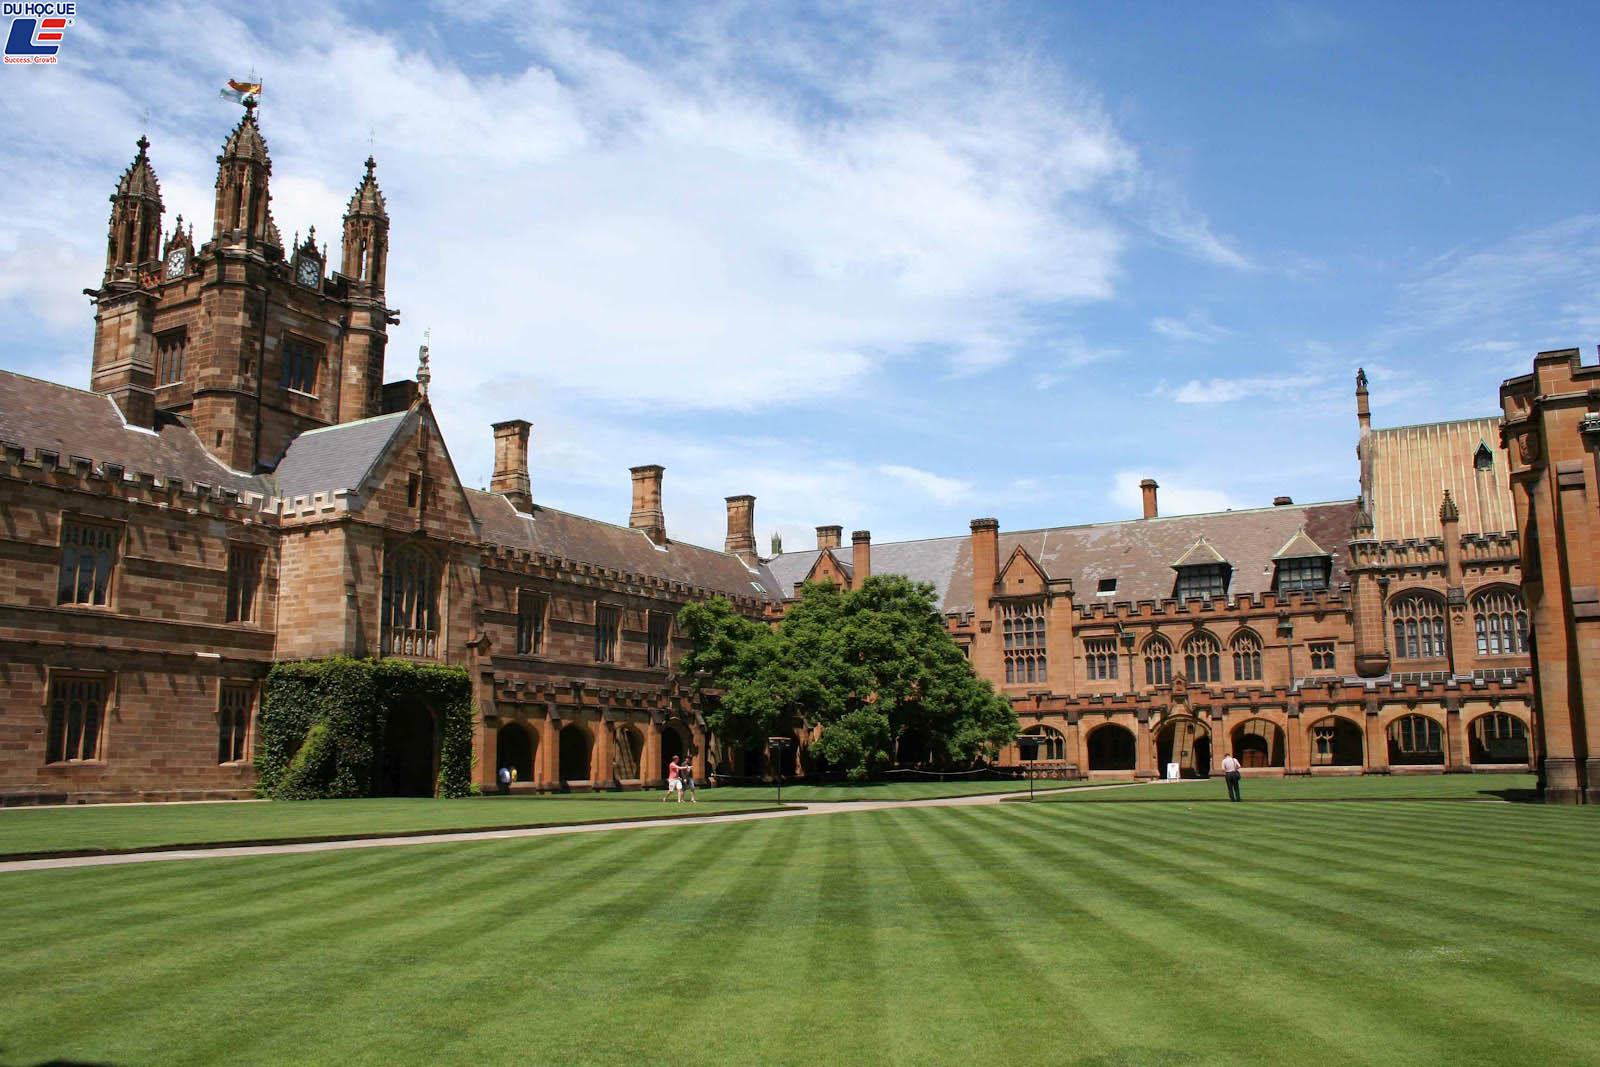 Cận cảnh Go8 - những trường đại học đỉnh nhất nước Úc (phần 2) 2